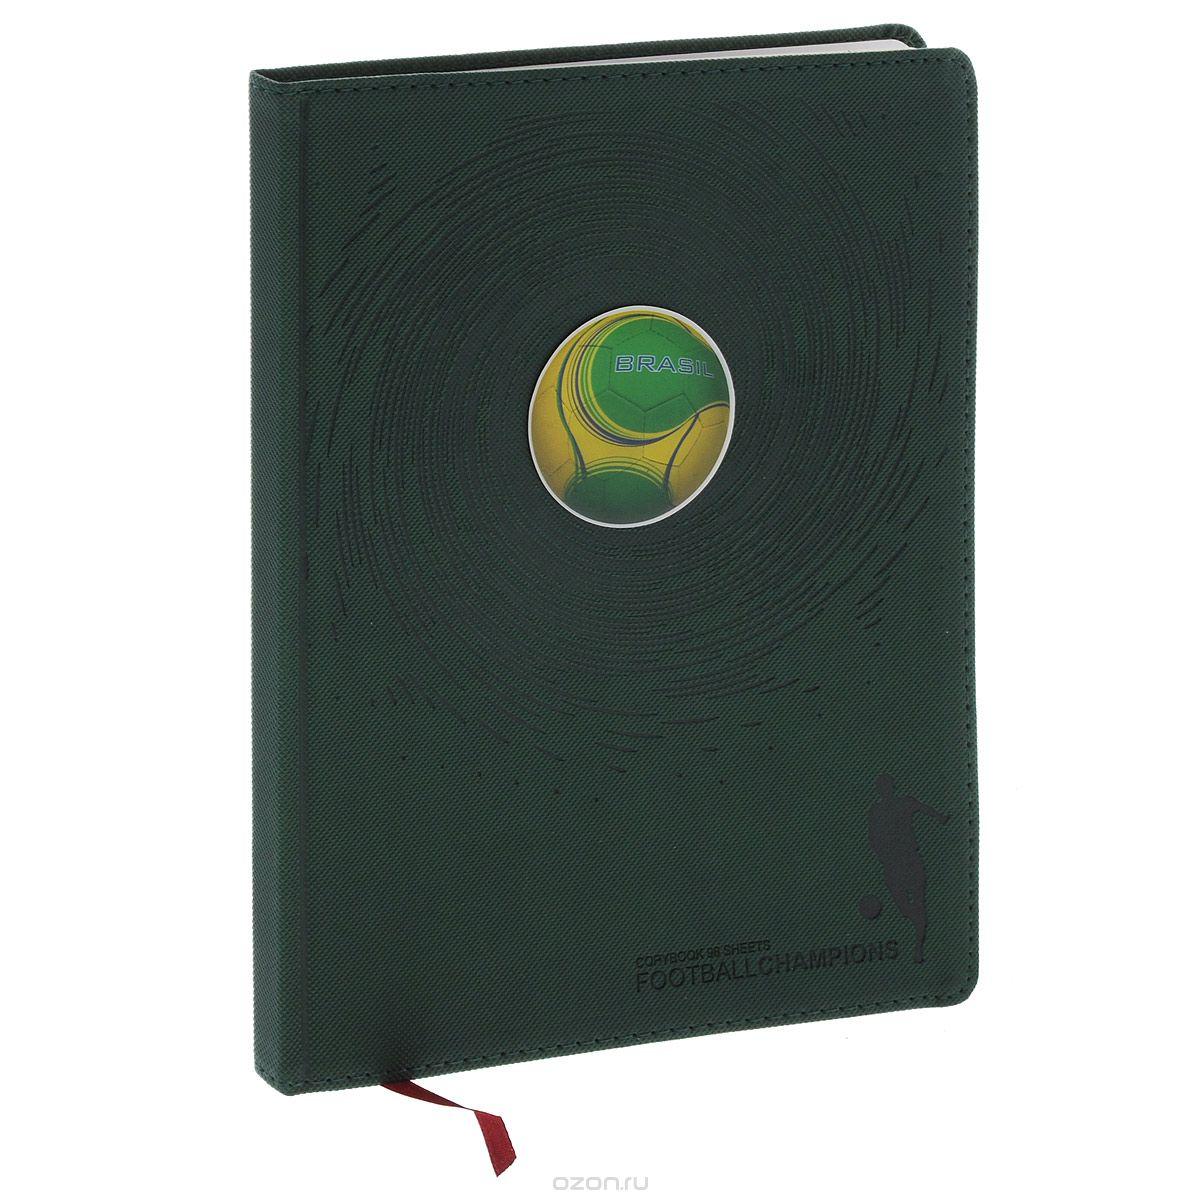 Тетрадь общая Футбольные мячи, цвет: зеленый, 96 листов. 7-96-8777-96-877Тетрадь в клетку Альт Футбольные мячи подойдет как студенту, так и школьнику. Гибкая, высокопрочная интегральная обложка с закругленными углами выполнена из итальянского переплетного материала и прошита по периметру. Цветная полимерная наклейка на обложке в виде футбольного мяча - оригинальная деталь оформления. Внутренний блок состоит из 192 страниц для записей с тонированной бежевой бумагой, дополнена полями для удобства размещения заметок. Тетрадь имеет ляссе и блок для заполнения личных данных.